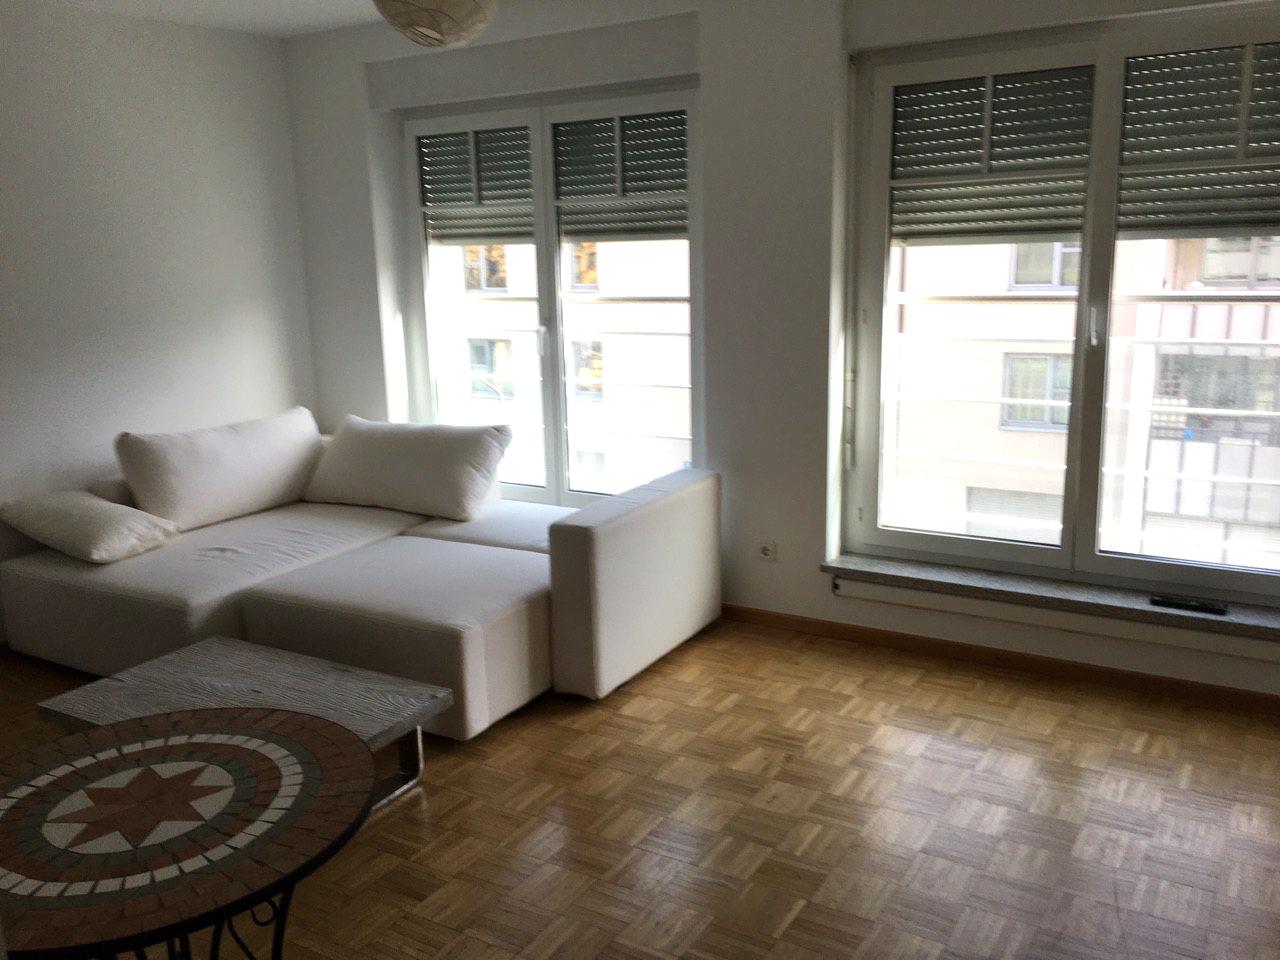 Wunderschöne möblierte 1 Zimmer-Wohnung in Bestlage Schwabing per sofort zu vermieten